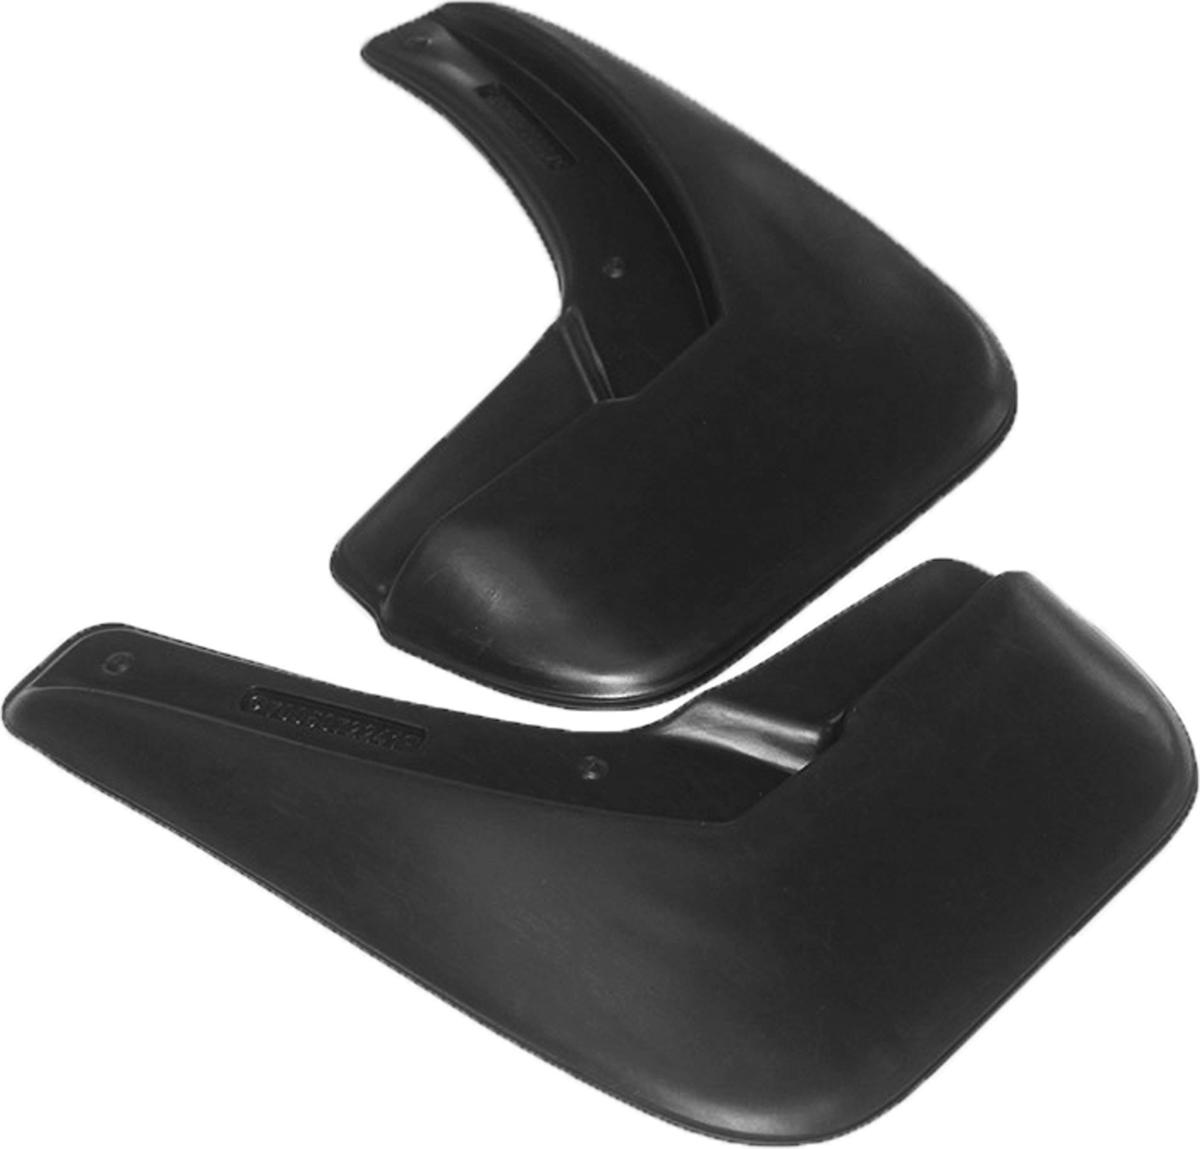 Комплект брызговиков задних для а/м Renault Sandero Stepway (10-)7006072261Брызговики изготовлены из высококачественного полимера, уникальный состав брызговиков допускает их эксплуатацию в широком диапазоне температур: - 50°С до + 80°С. Эффективно защищают кузов автомобиля от грязи и воды – формируют аэродинамический поток воздуха, создаваемый при движении вокруг кузова таким образом, чтобы максимально уменьшить образование грязевой измороси, оседающей на автомобиле. Разработаны индивидуально для каждой модели автомобиля, с эстетической точки зрения брызговики являются завершением колесной арки.